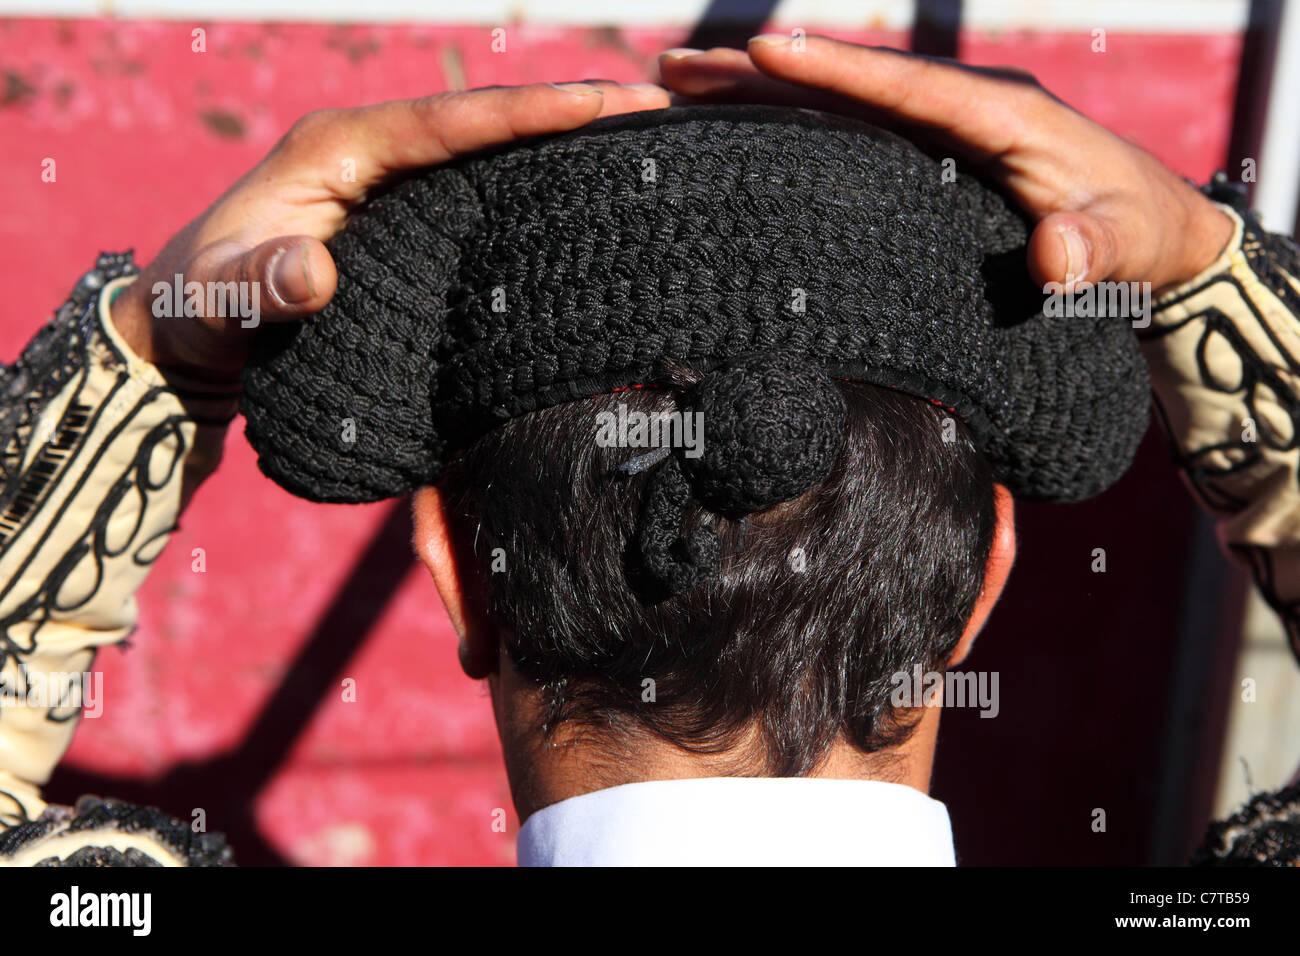 Un torero (Bandarilheiro) pone su sombrero (Montera) en posición antes de  una 848b8ee641a